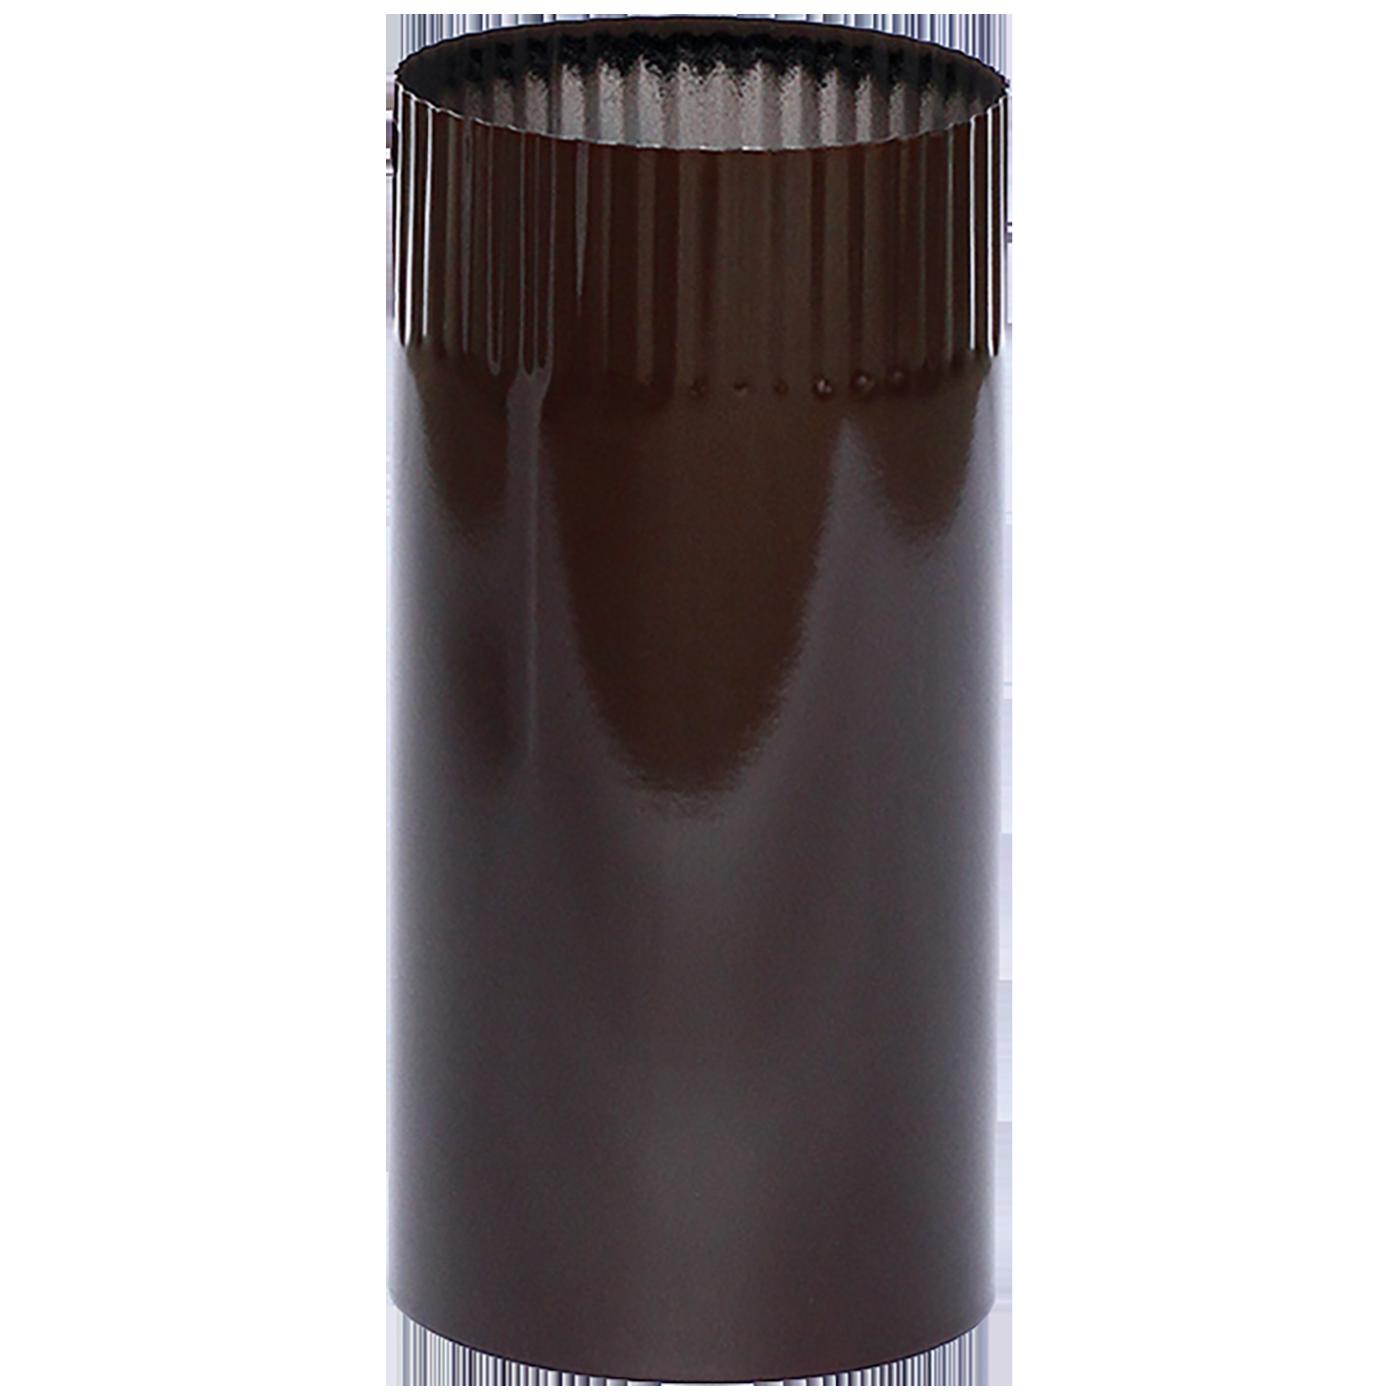 DINAMO - Dimovodna cijev, 0.25met., braon